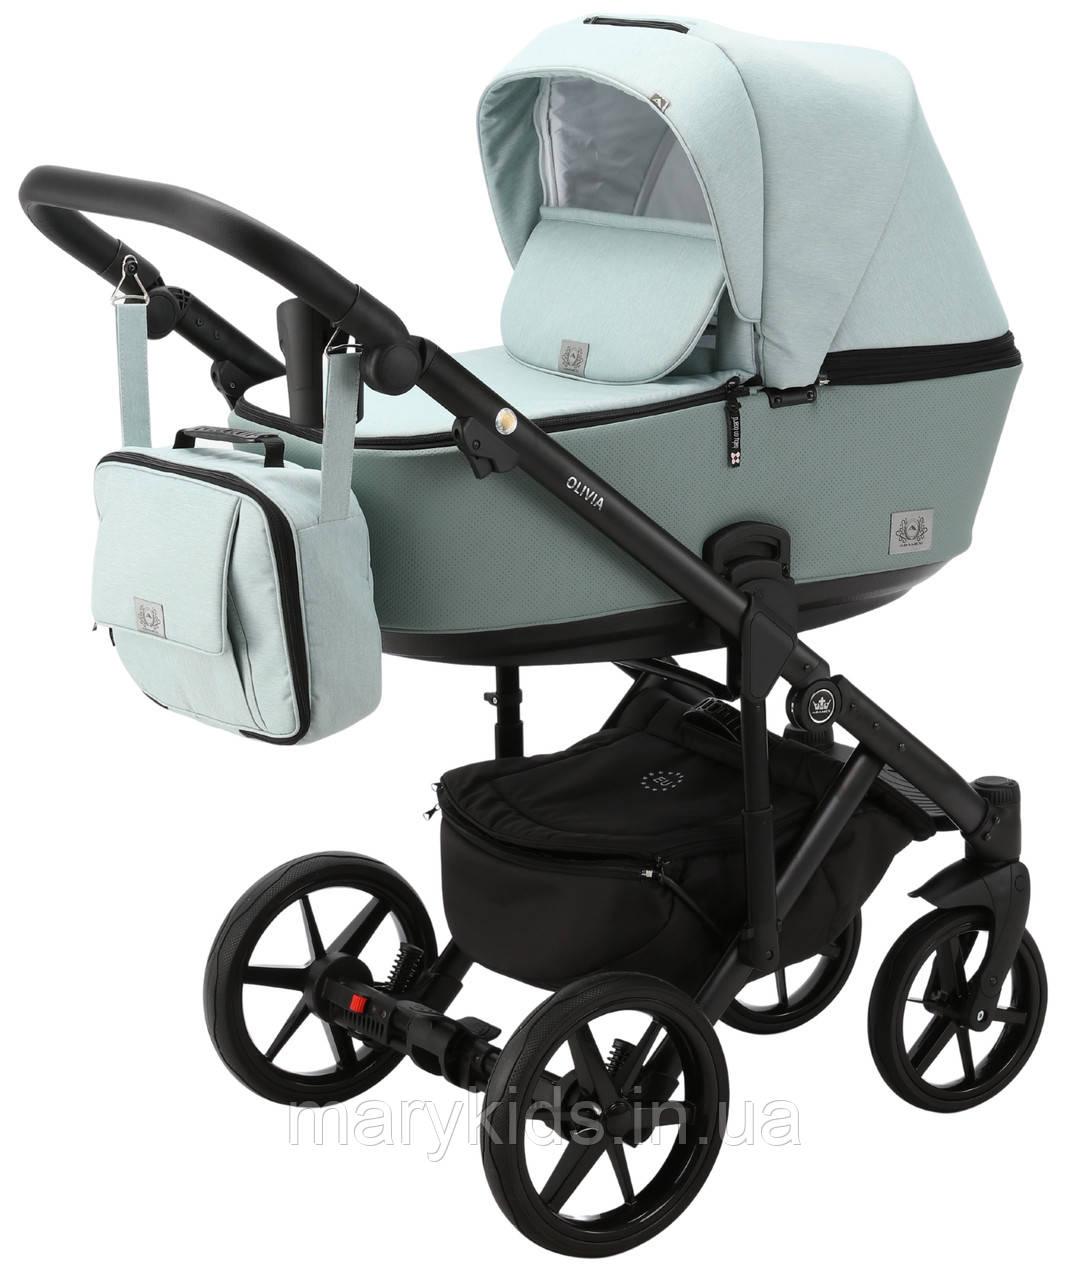 Детская универсальная коляска 2 в 1 Adamex Olivia PS-25